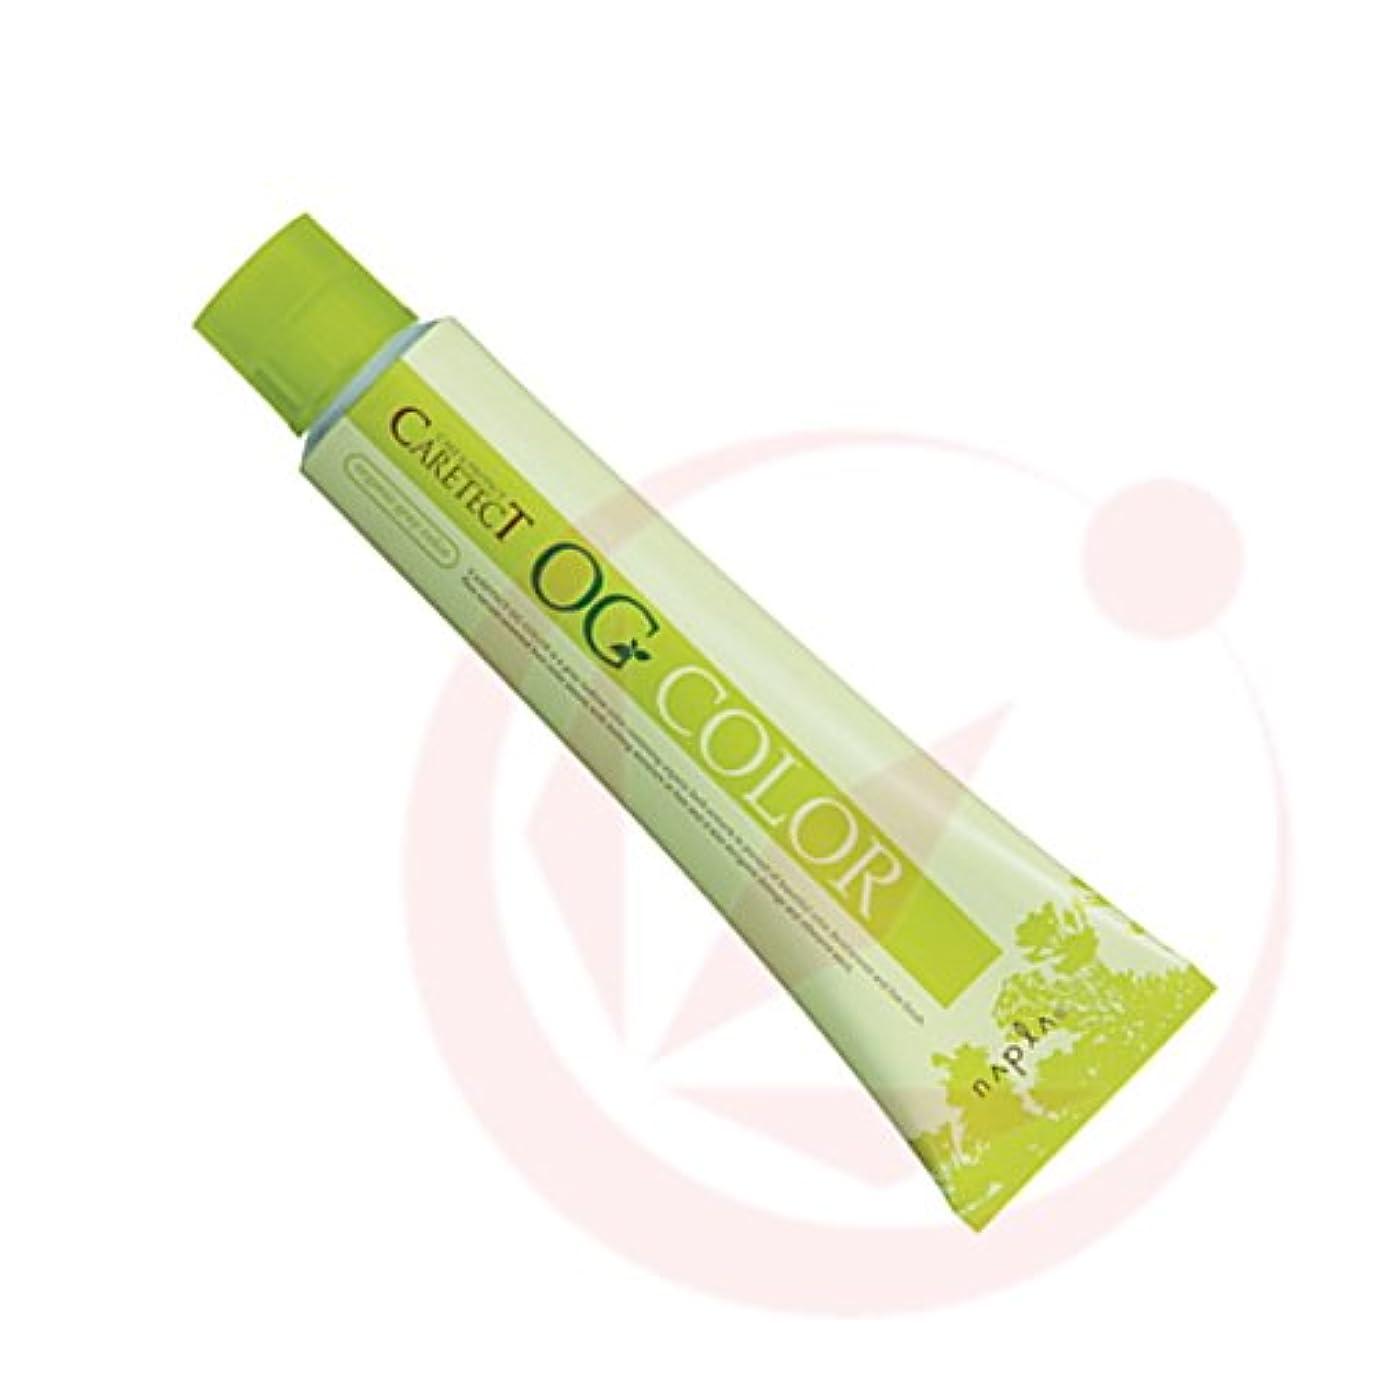 快適フィドルに慣れナプラ ケアテクトOG カラー ココア 80g(1剤) 【ココア】O-Co6